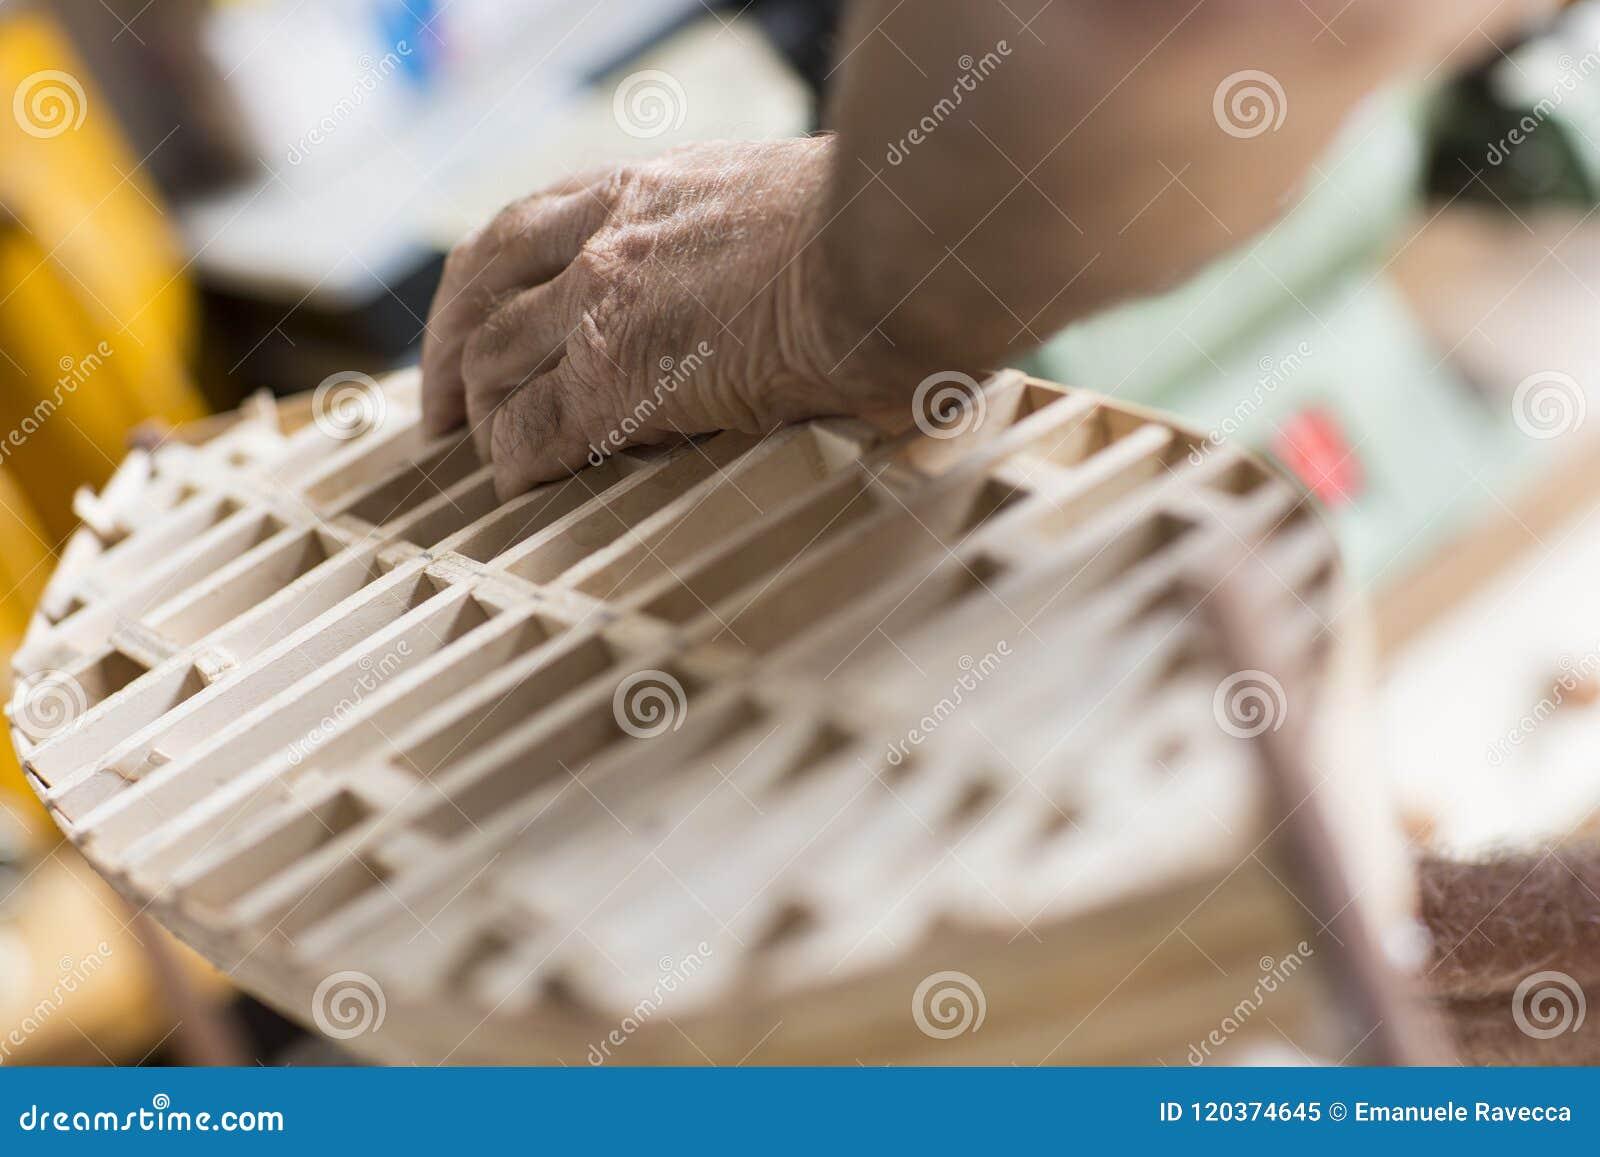 Trabajos Manuales Handcrafted De Un Modelo De Madera Del Barco - Trabajos-manuales-en-madera